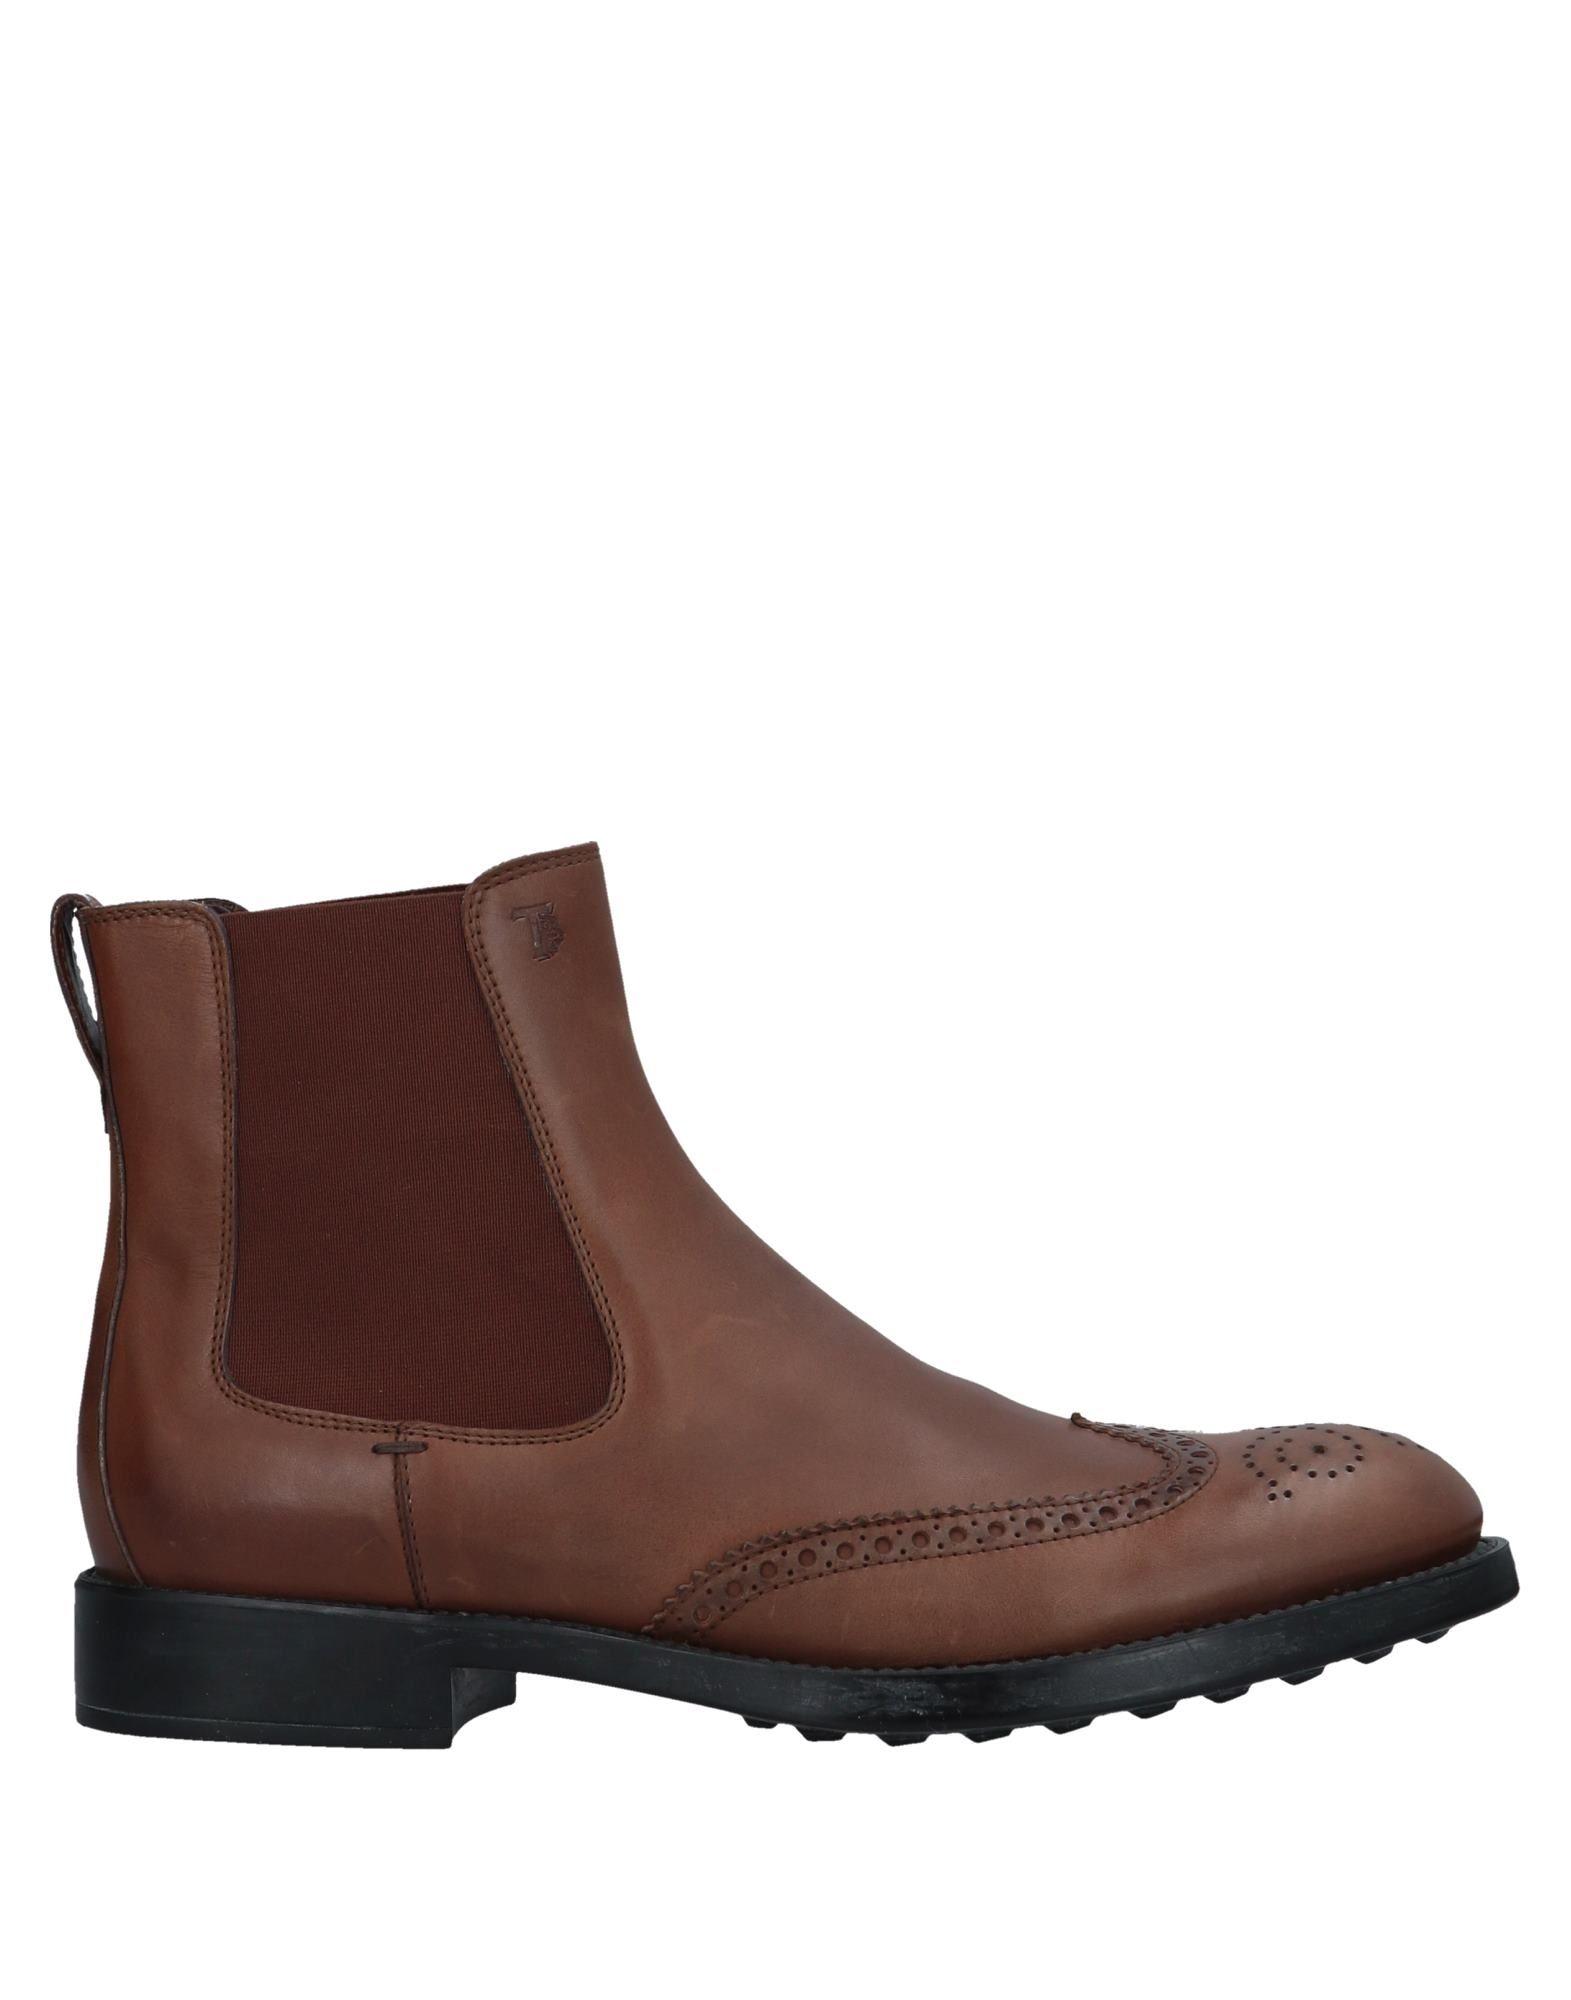 Tod's Stiefelette Herren  11537025JU Gute Qualität beliebte Schuhe